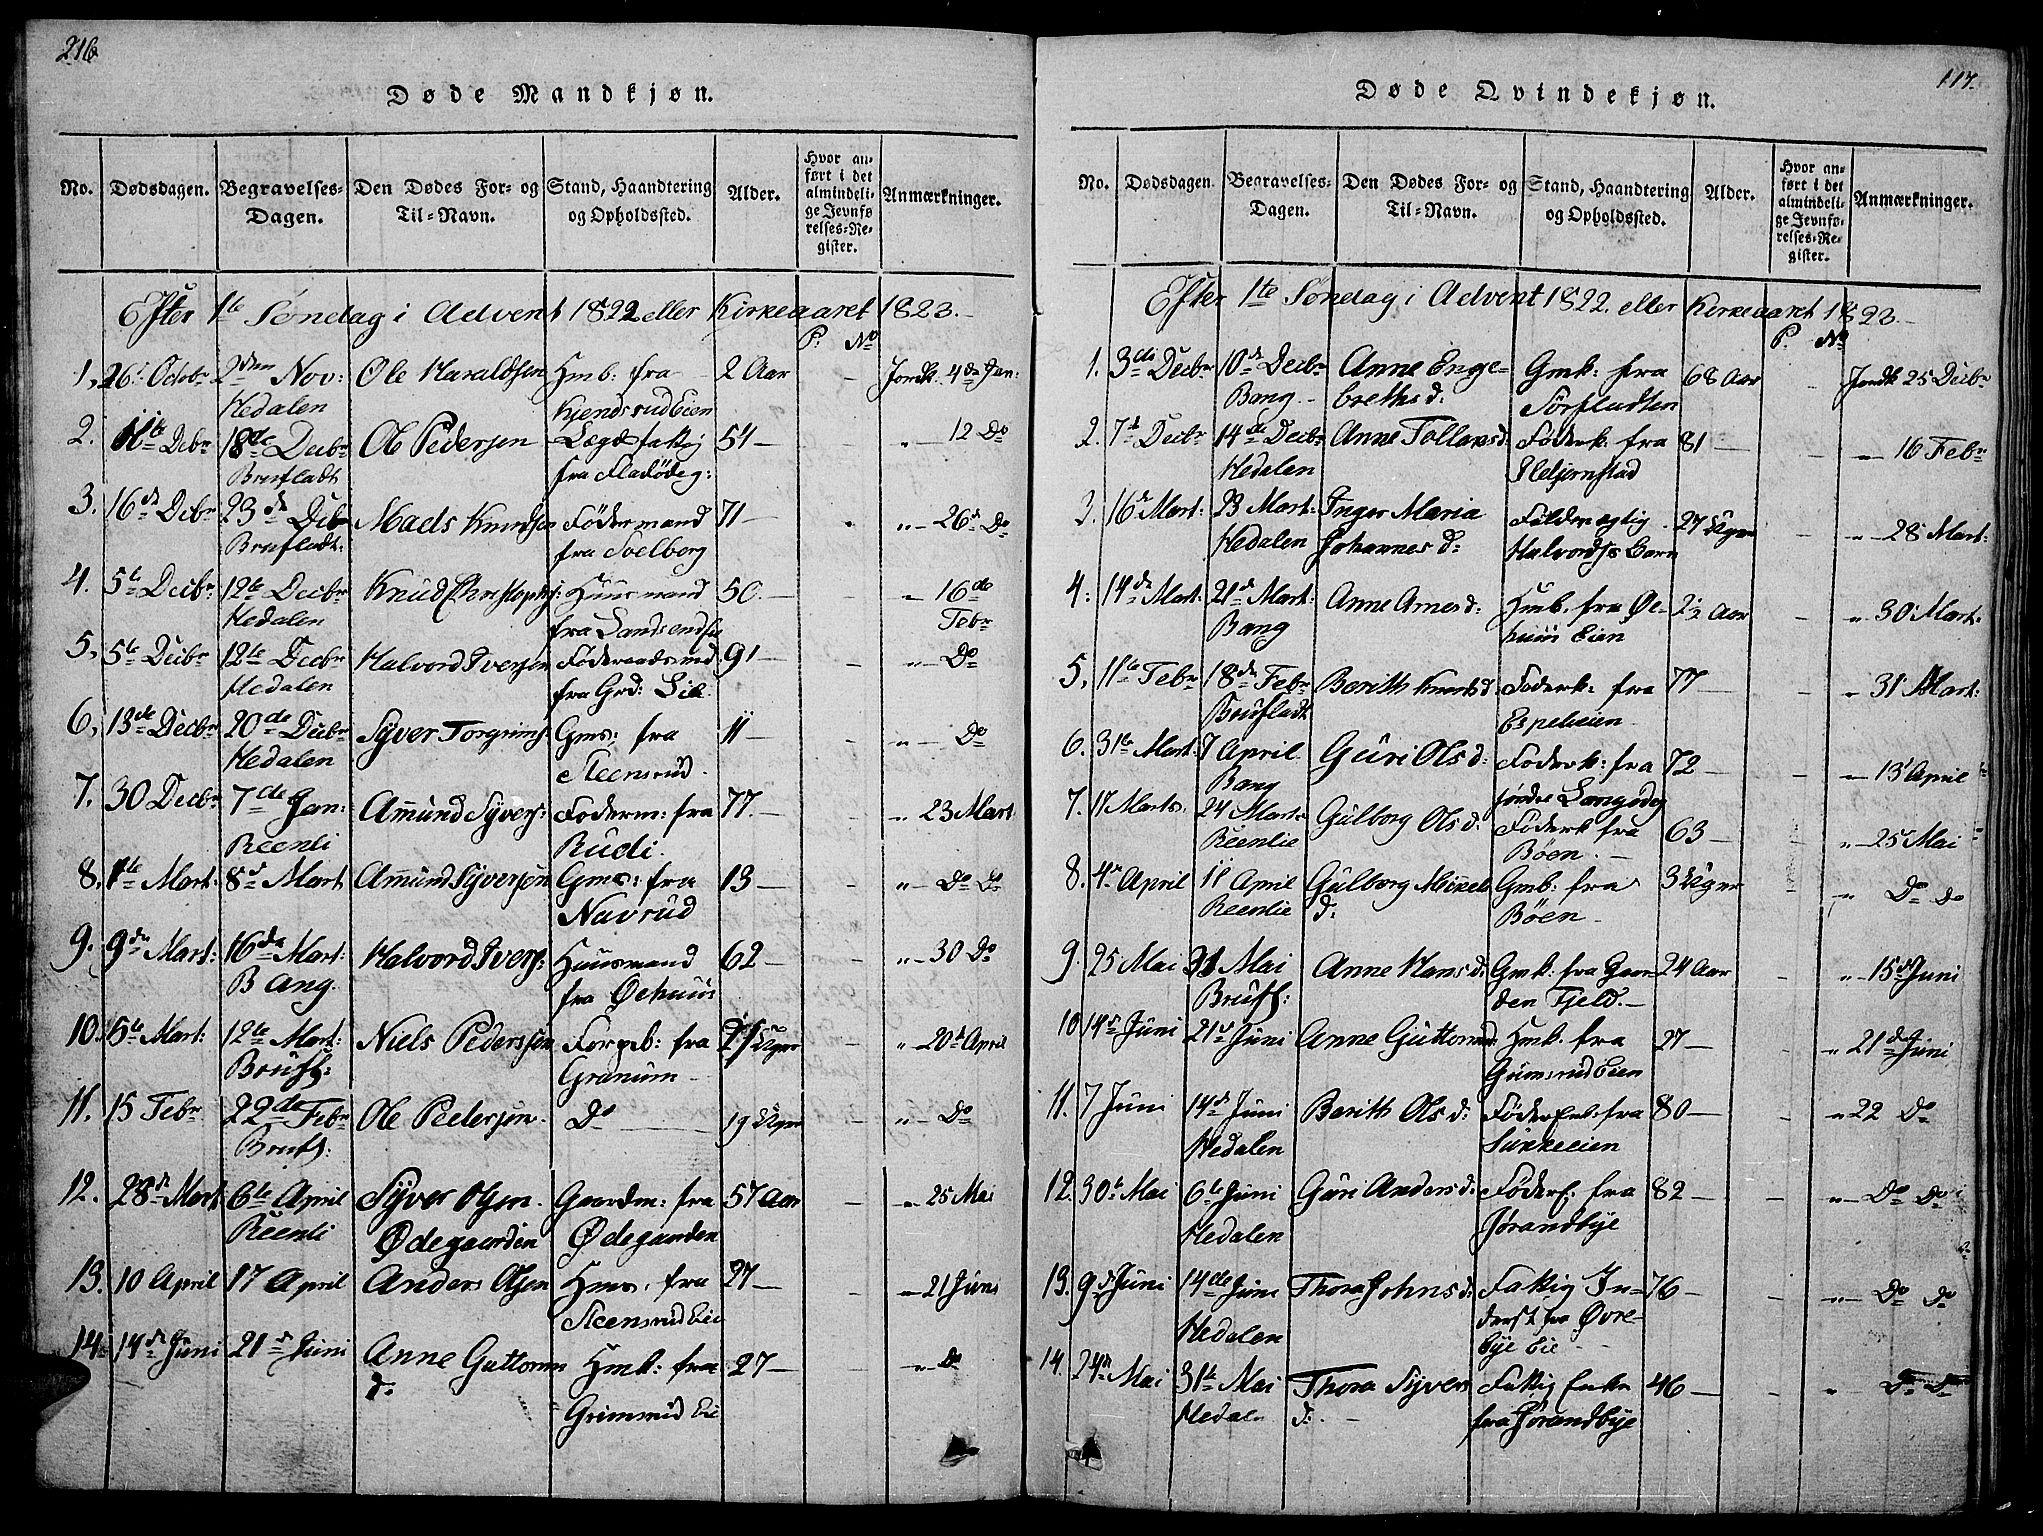 SAH, Sør-Aurdal prestekontor, Klokkerbok nr. 1, 1815-1826, s. 216-217